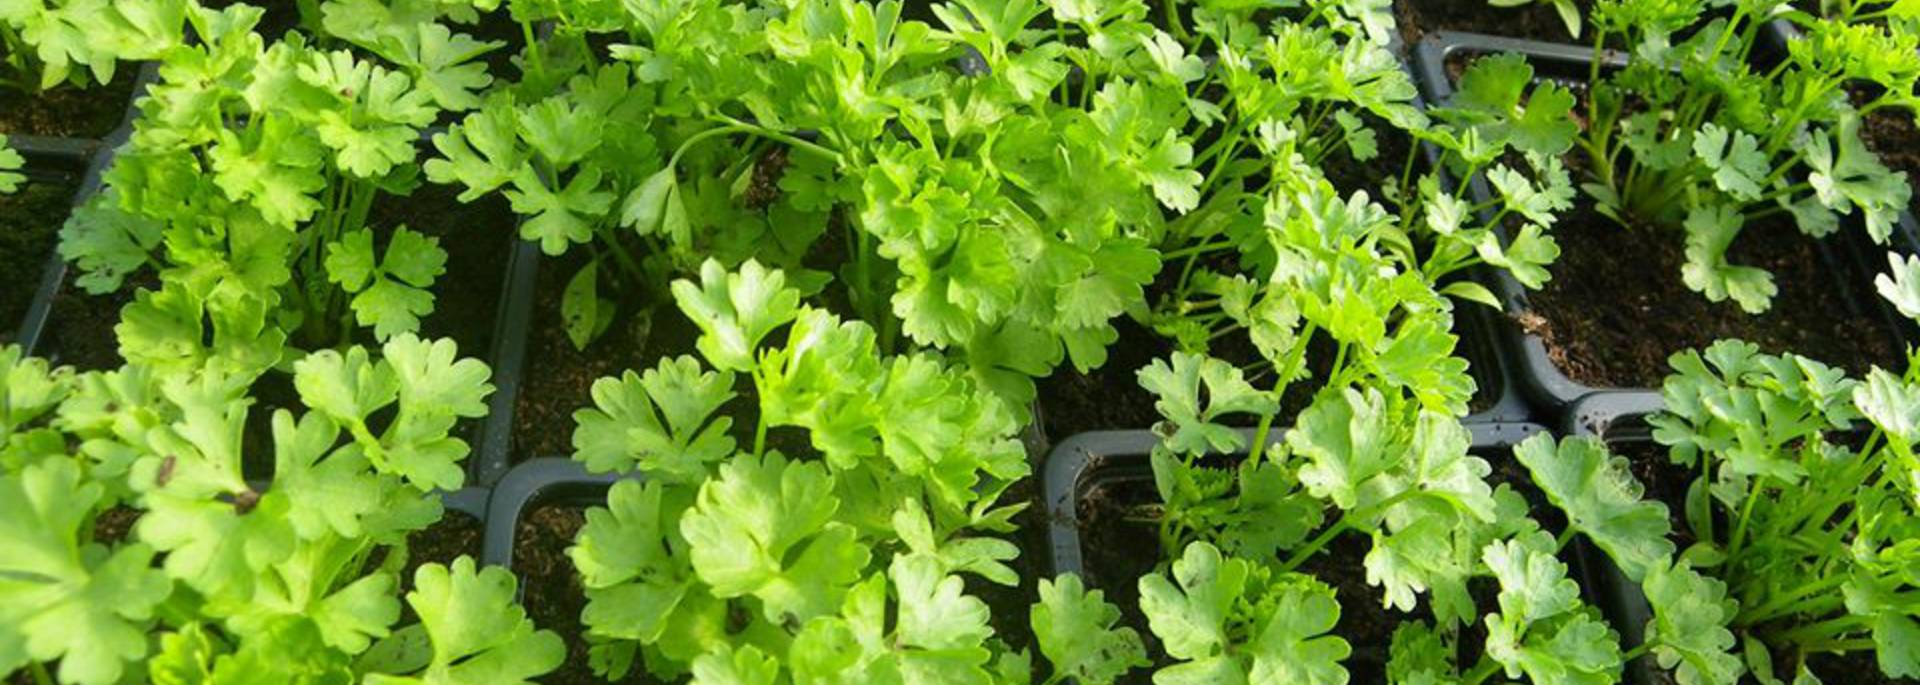 Livraison jeunes plants potager - Crédit photo Mod Kozh